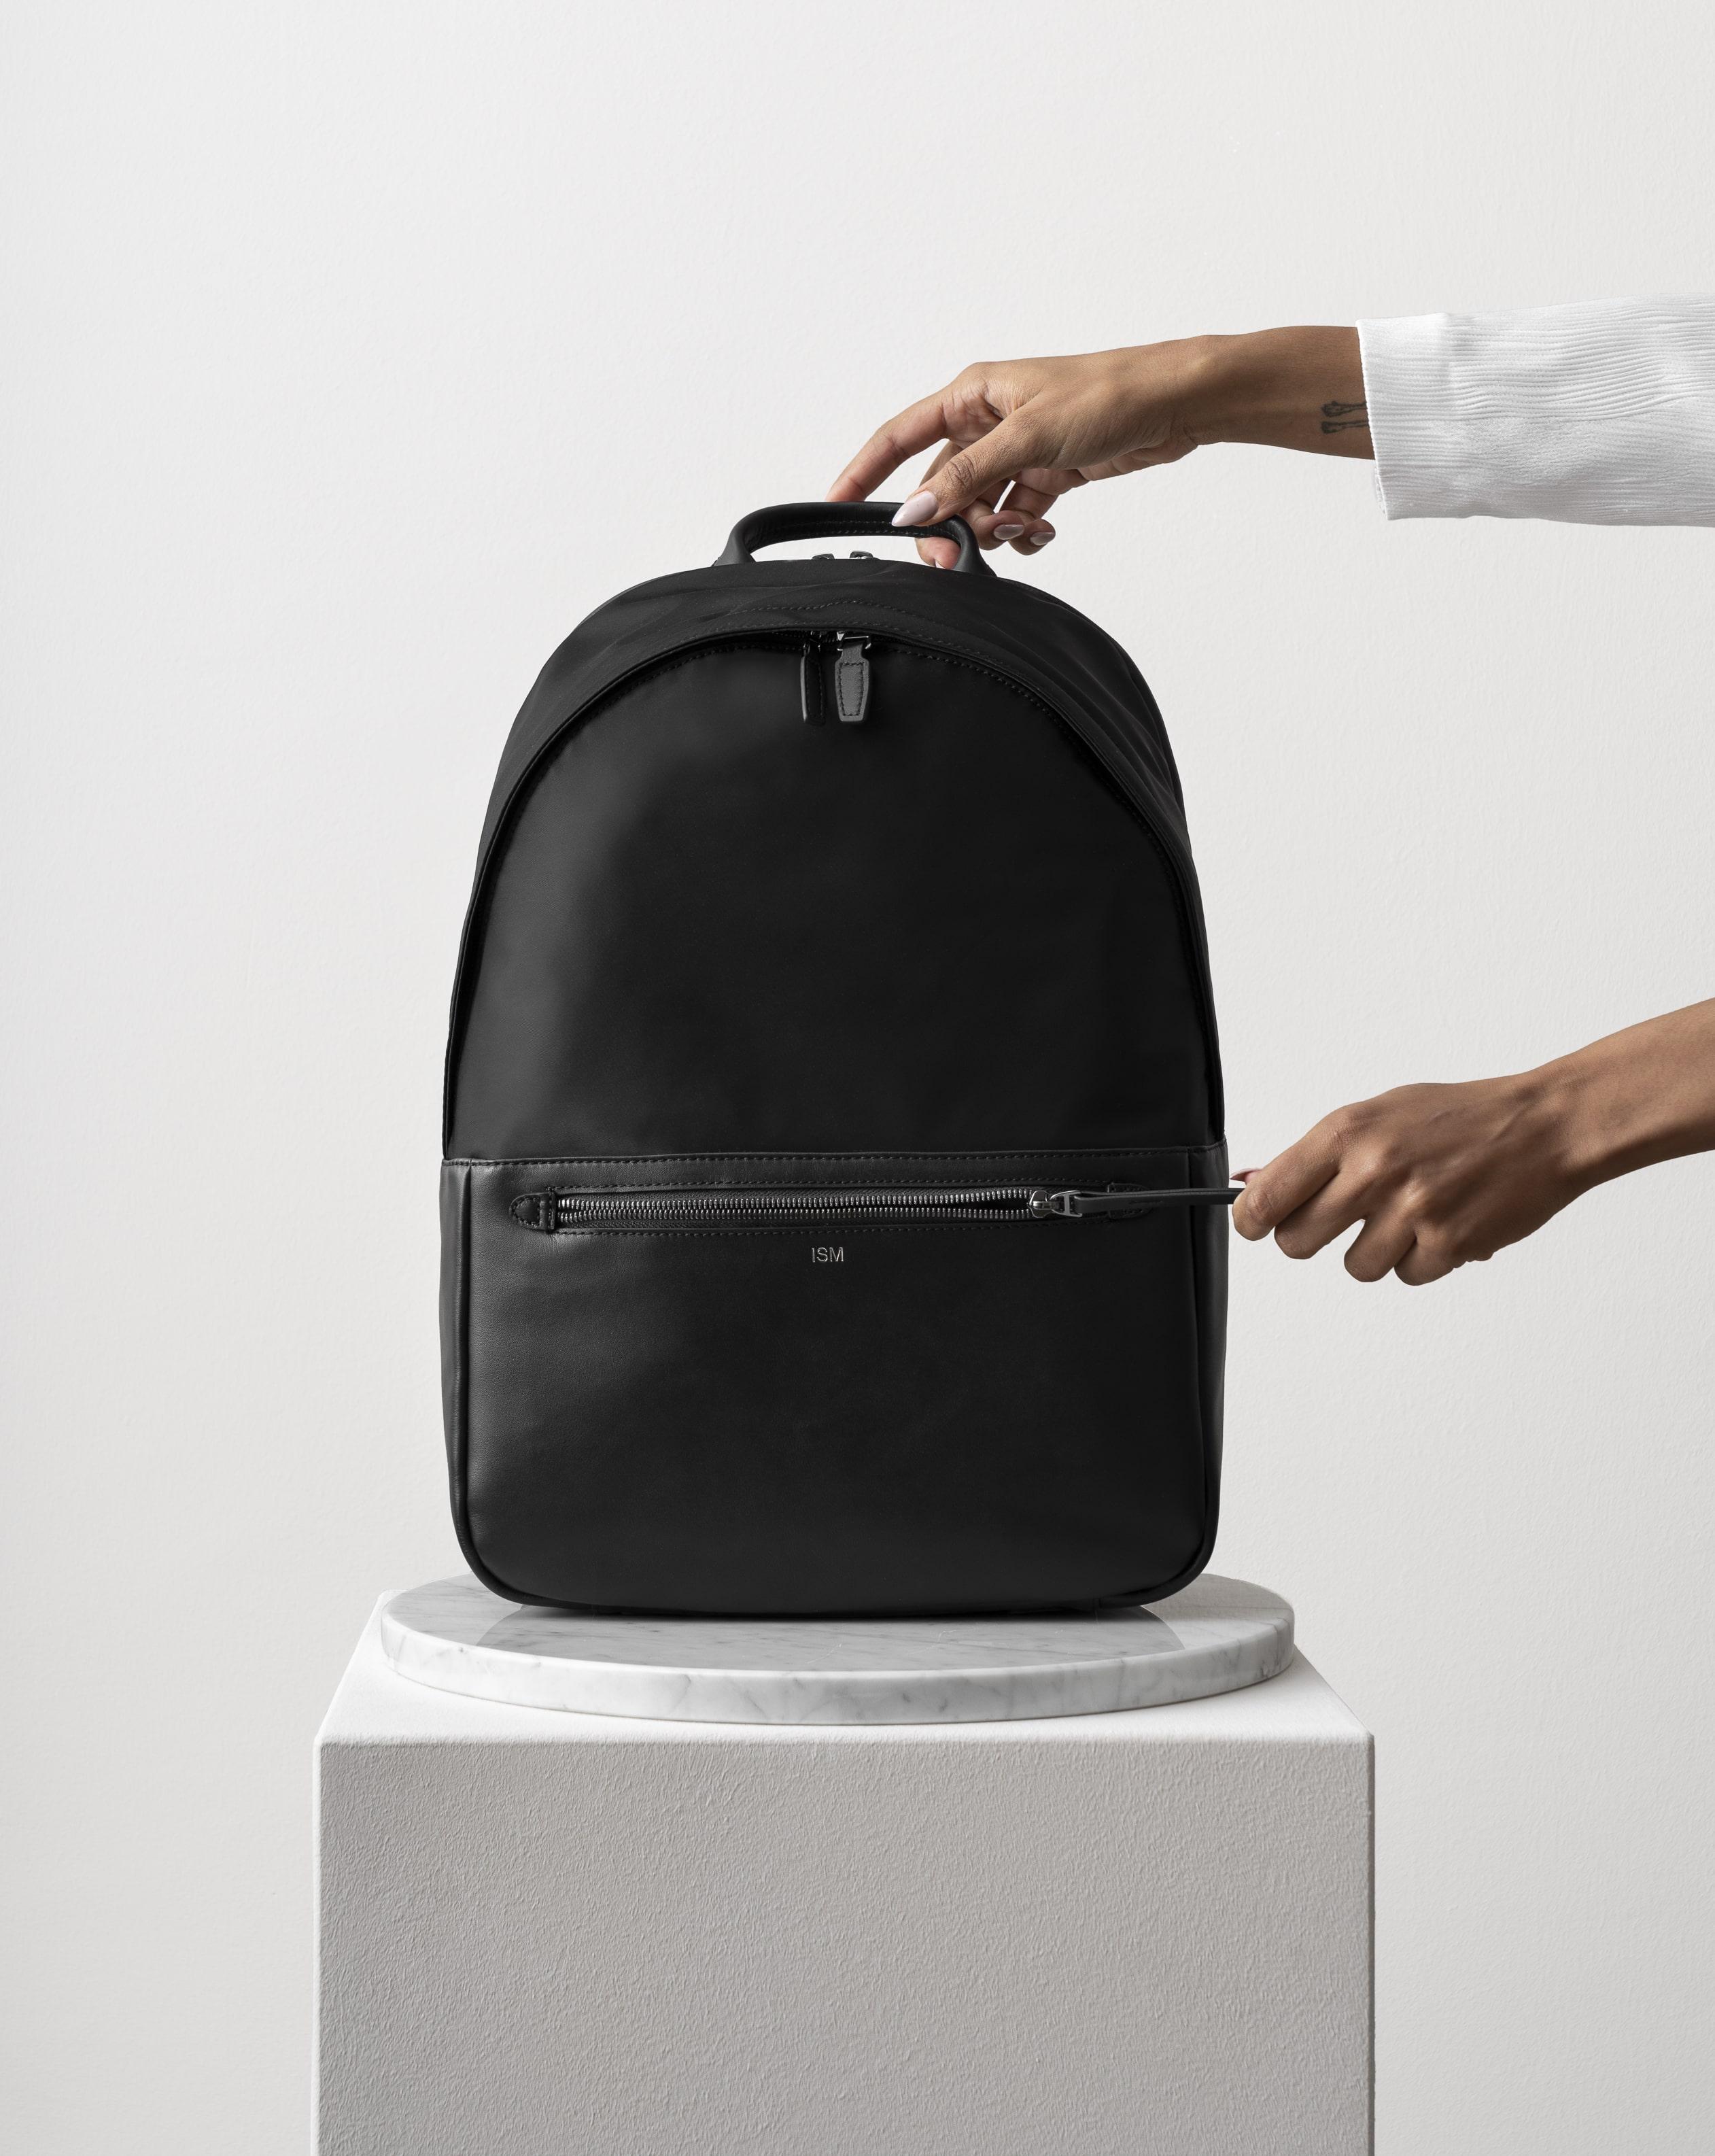 Justin-Kwong-jkwong-ism-backpack-entrepreneur